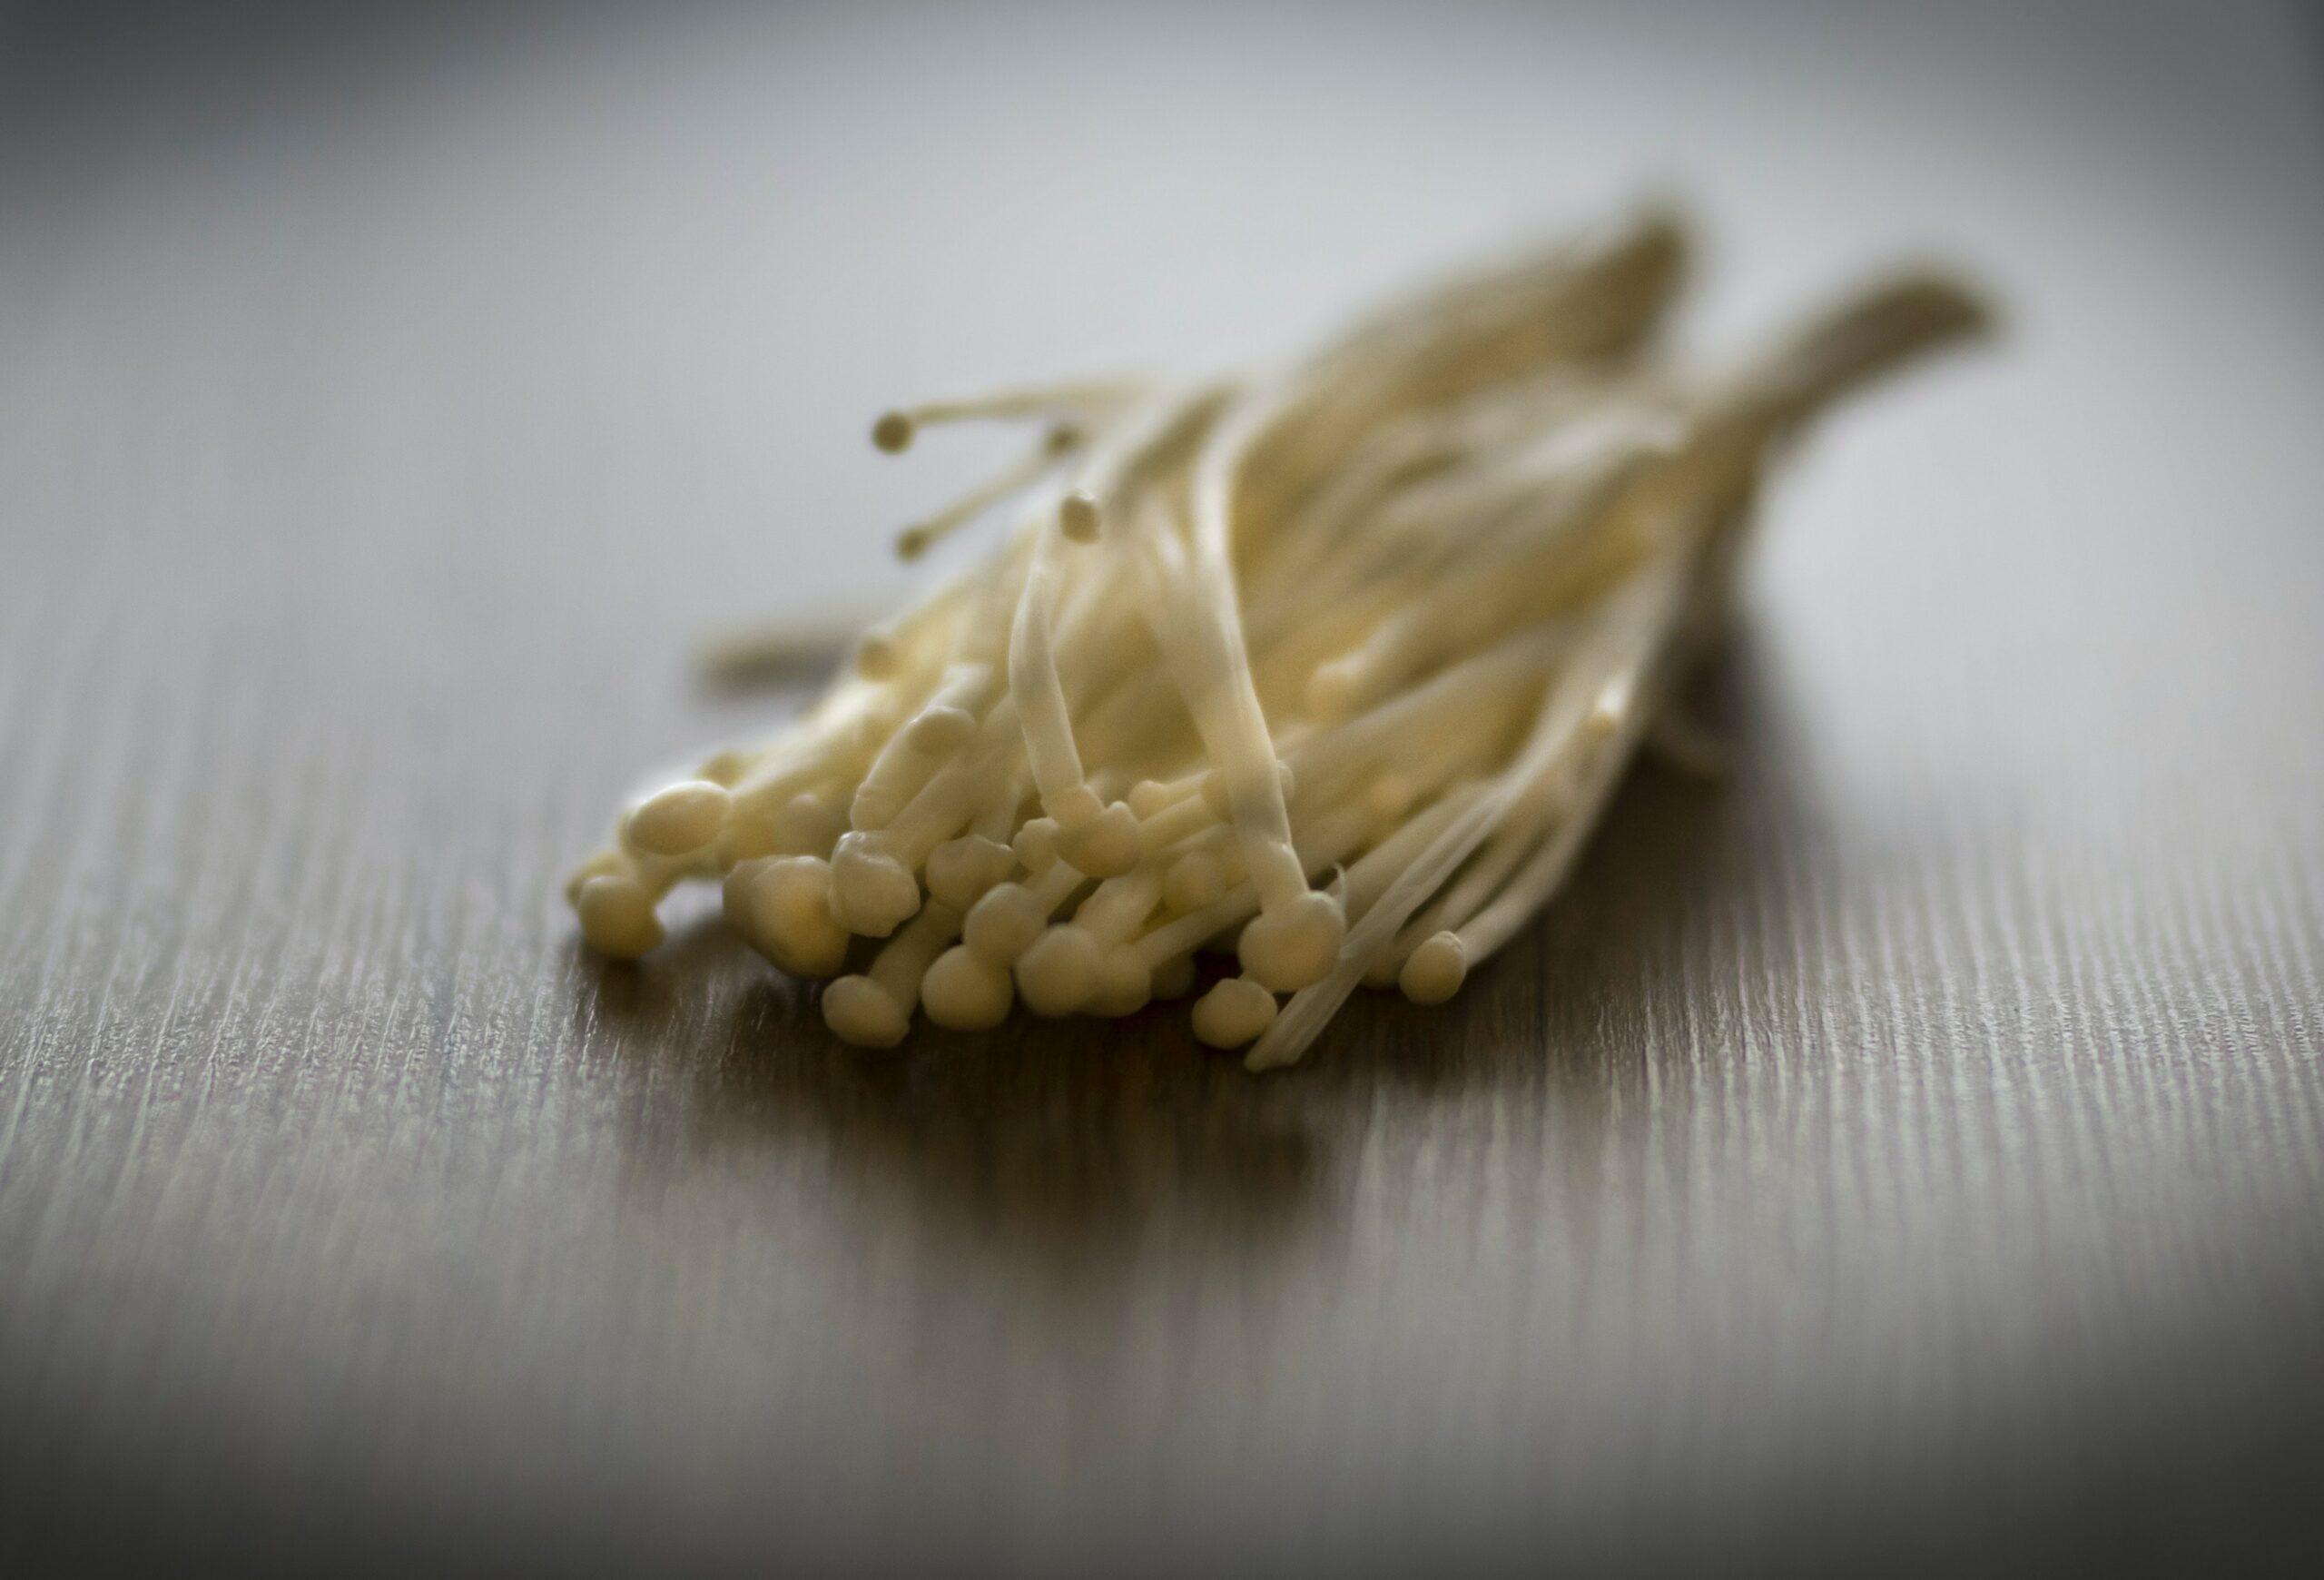 houby, které chutnají, ale i léčí